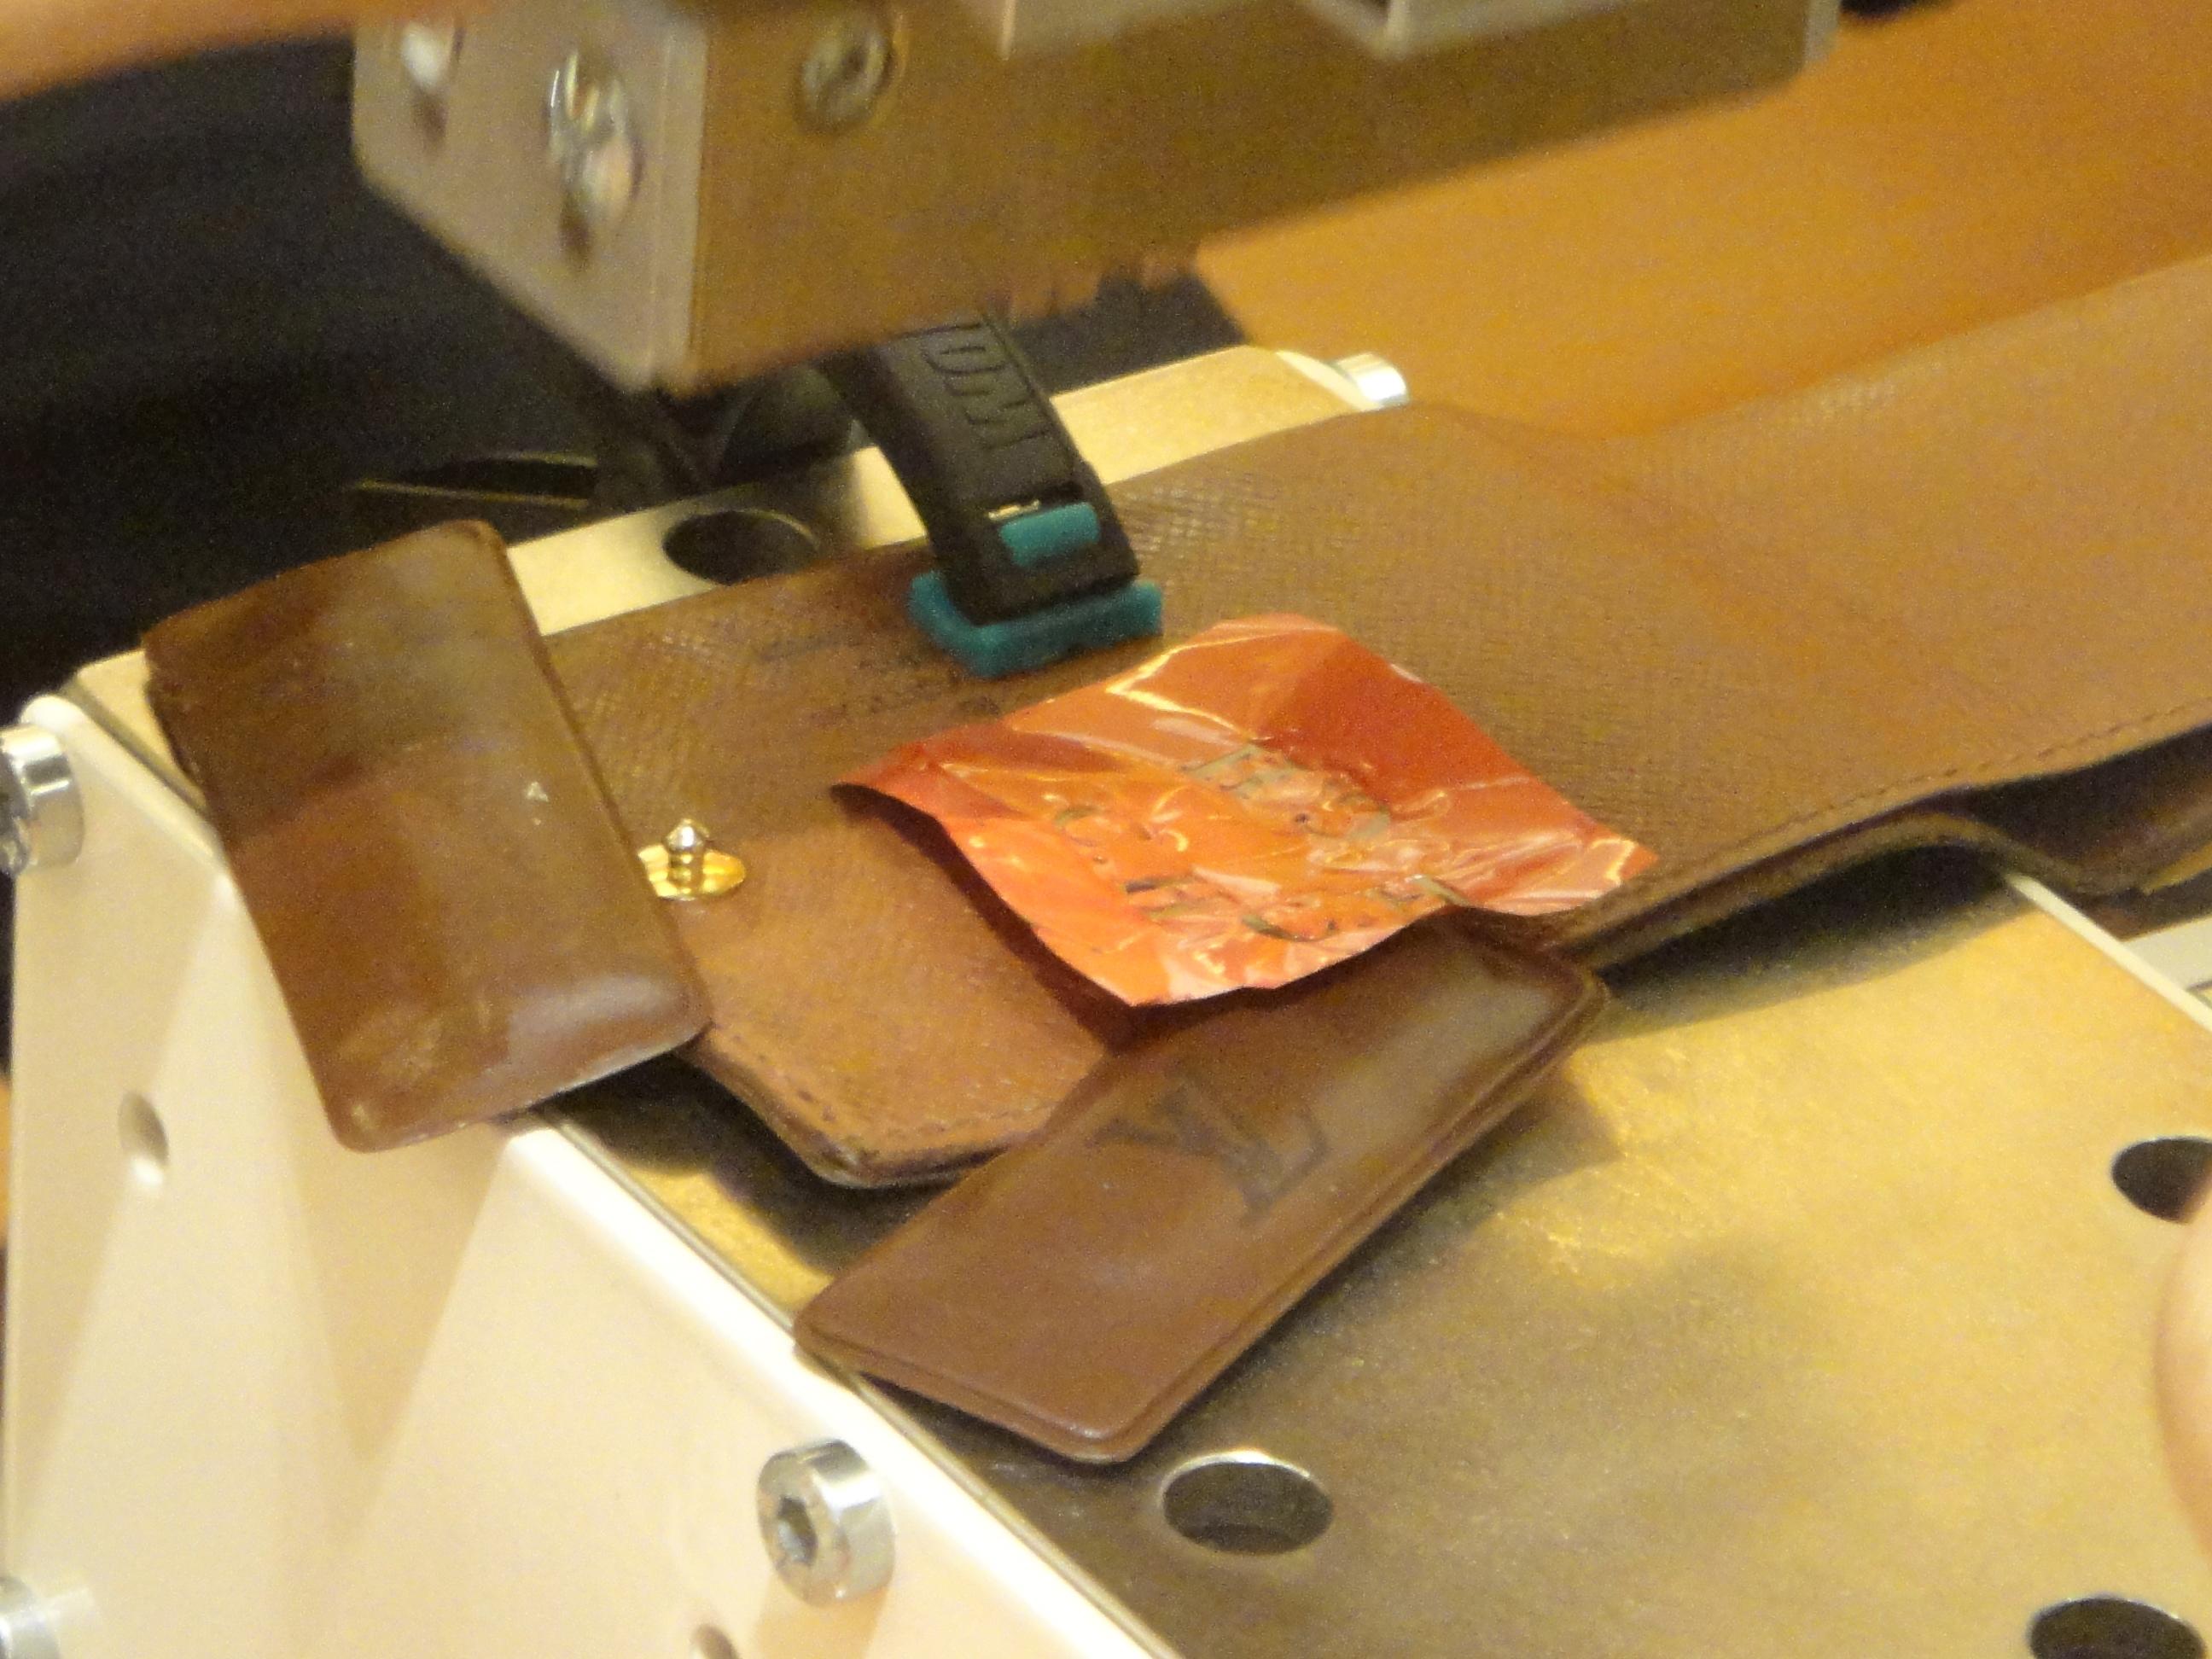 Louis Vuitton Hot Stamping